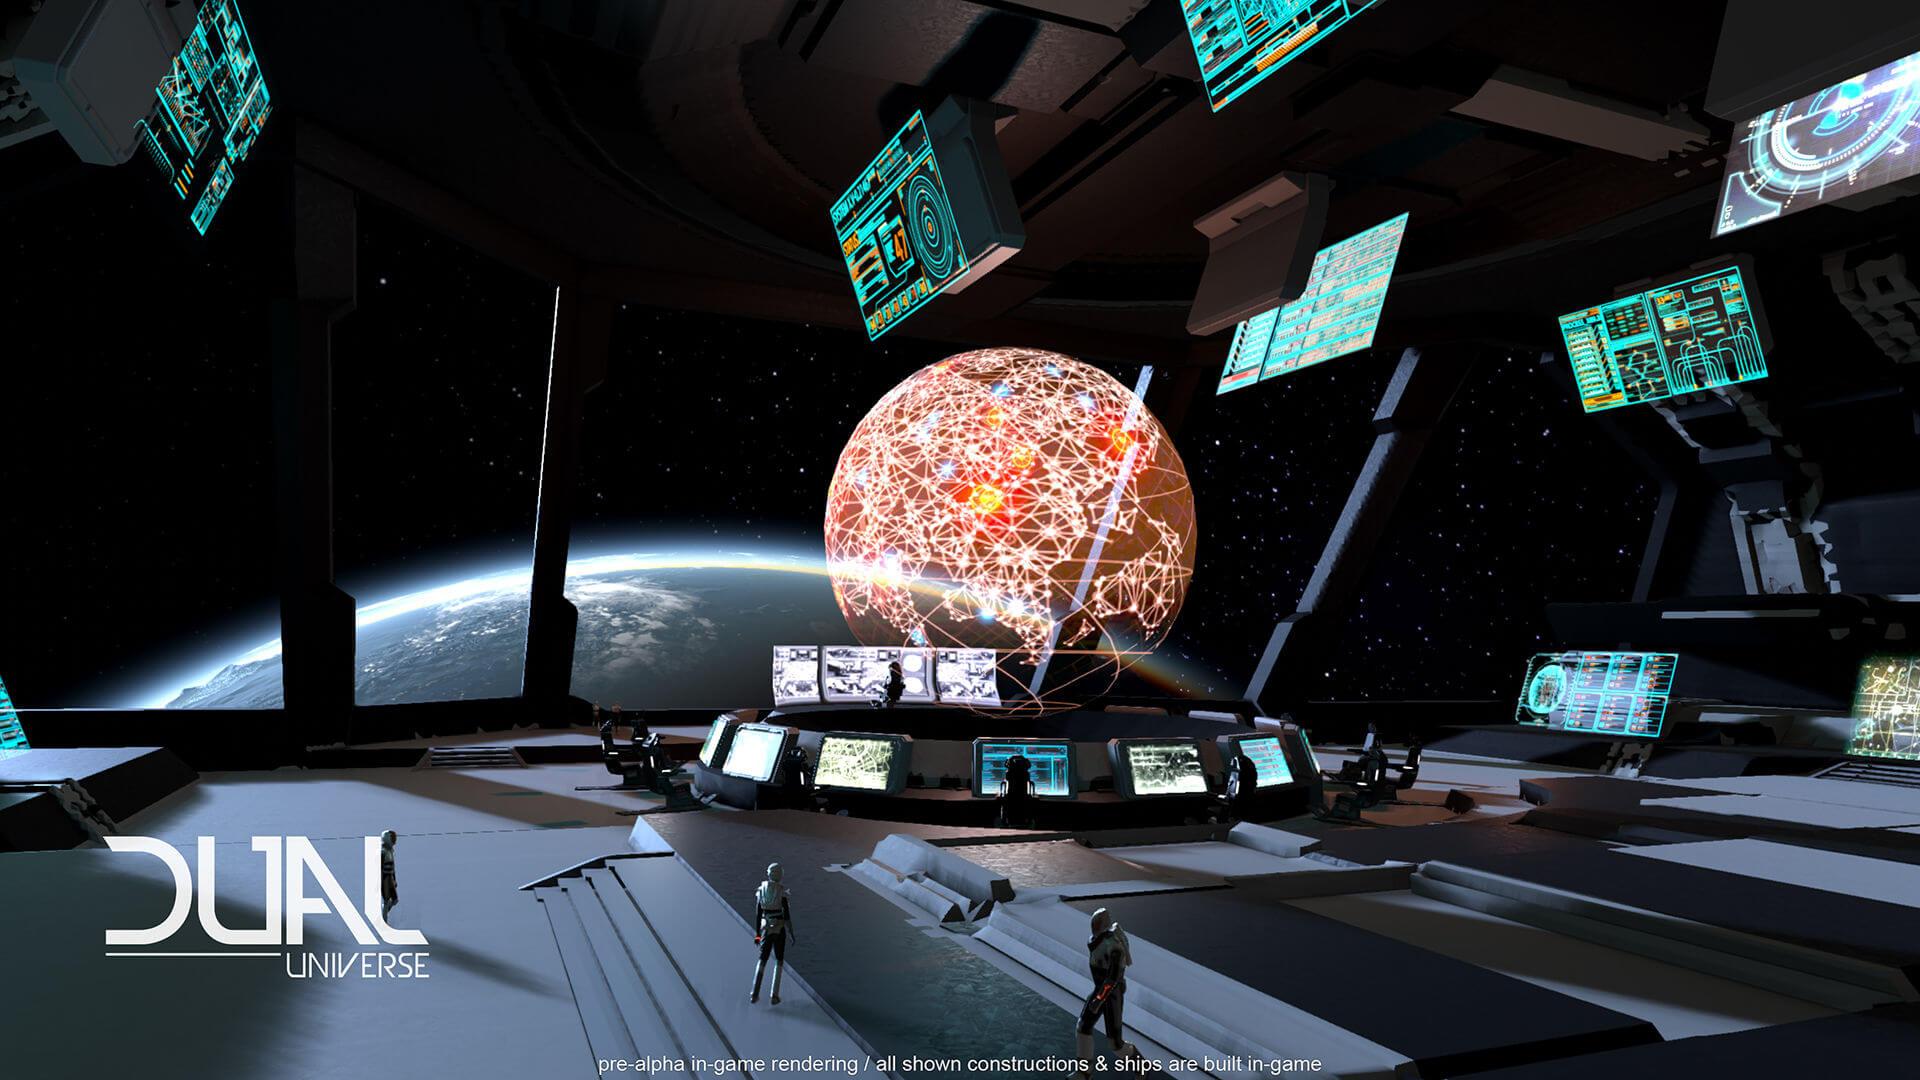 Dual Universe (Bildrechte bei Novaquark)